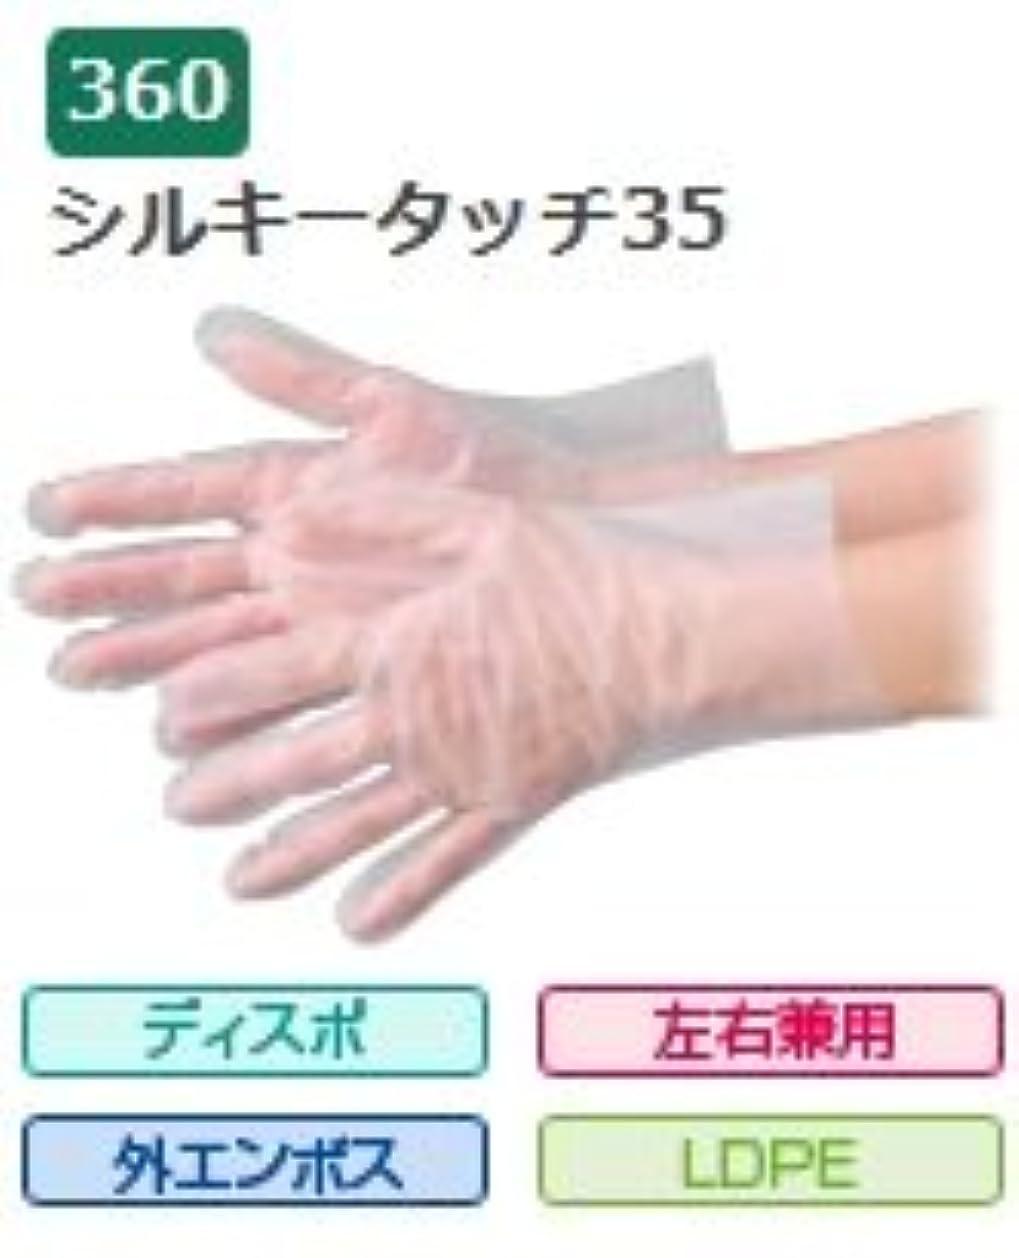 騒モネ前投薬エブノ ポリエチレン手袋 No.360 M 半透明 (100枚×50袋) シルキータッチ35 袋入